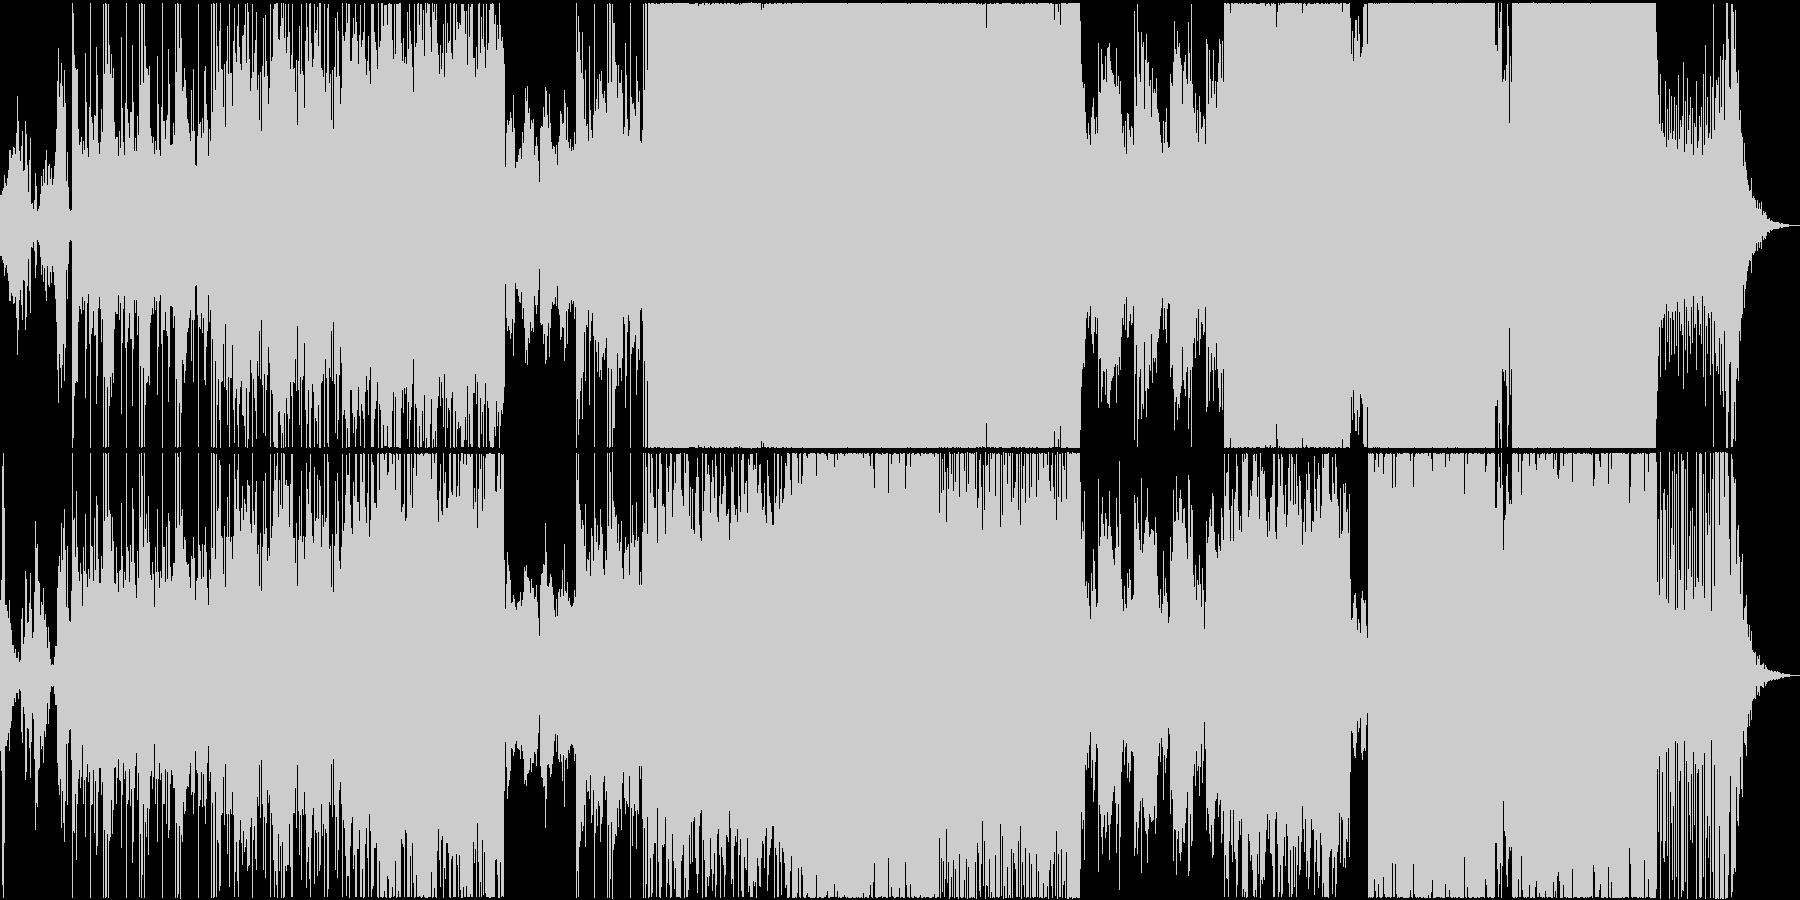 ブレイクビーツ系デジタル・ロックの未再生の波形